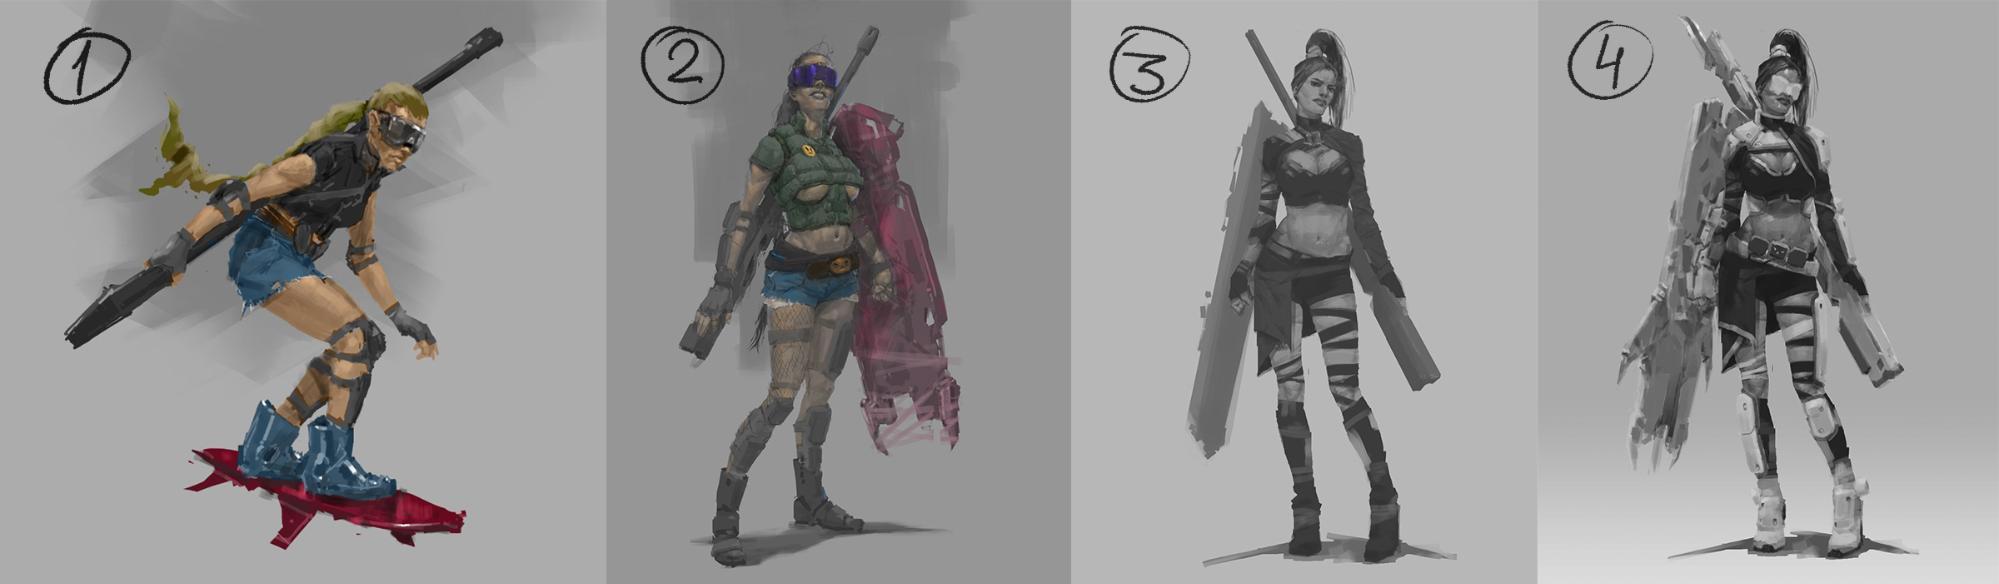 Рефлексия геймдизайнера: персонажи для игры, которая не вышла